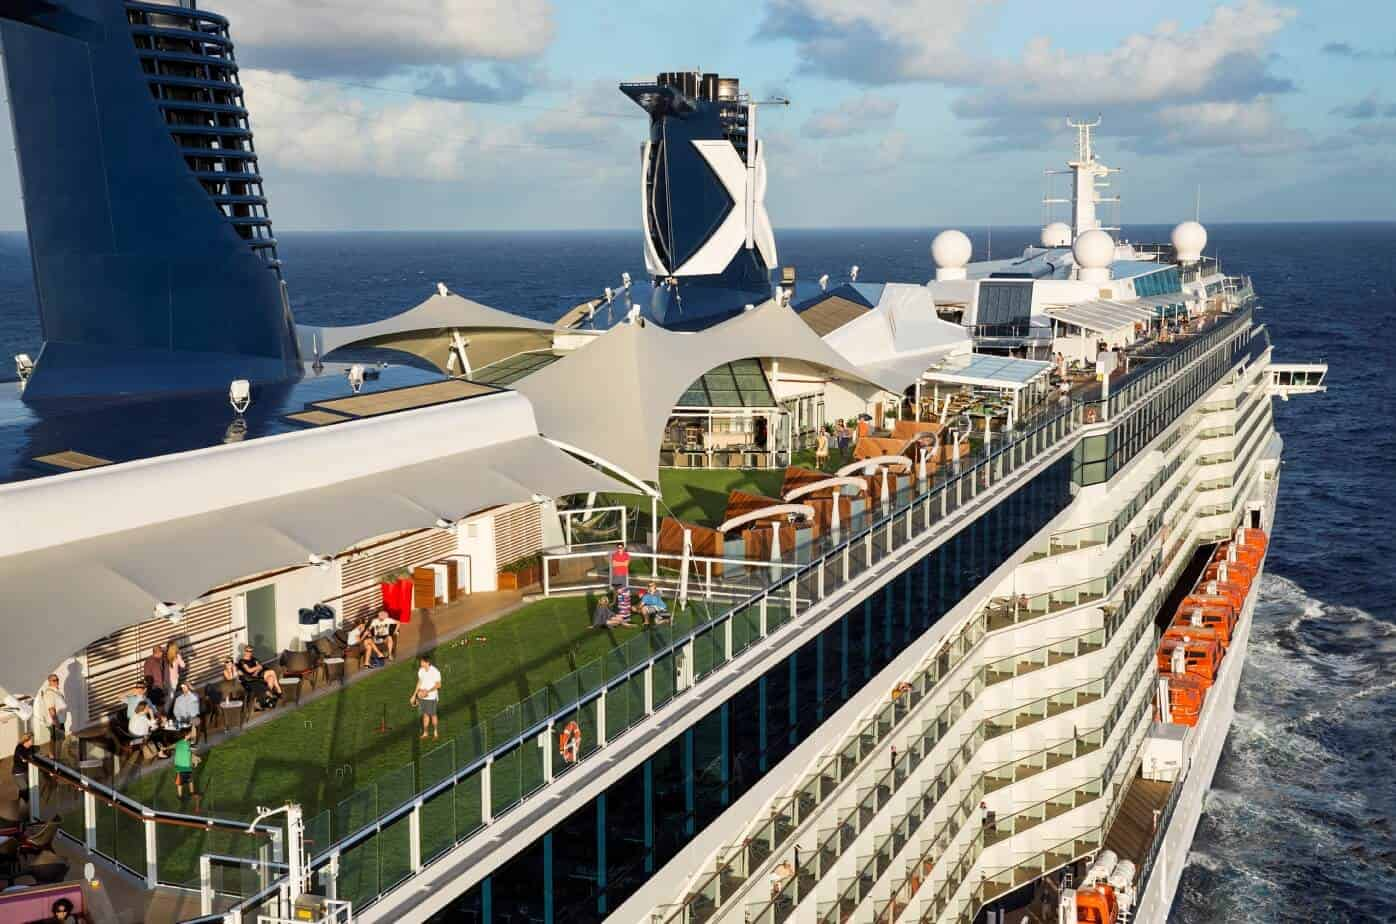 Lujoso crucero Celebrity Constellation. Foto: Covington Travel